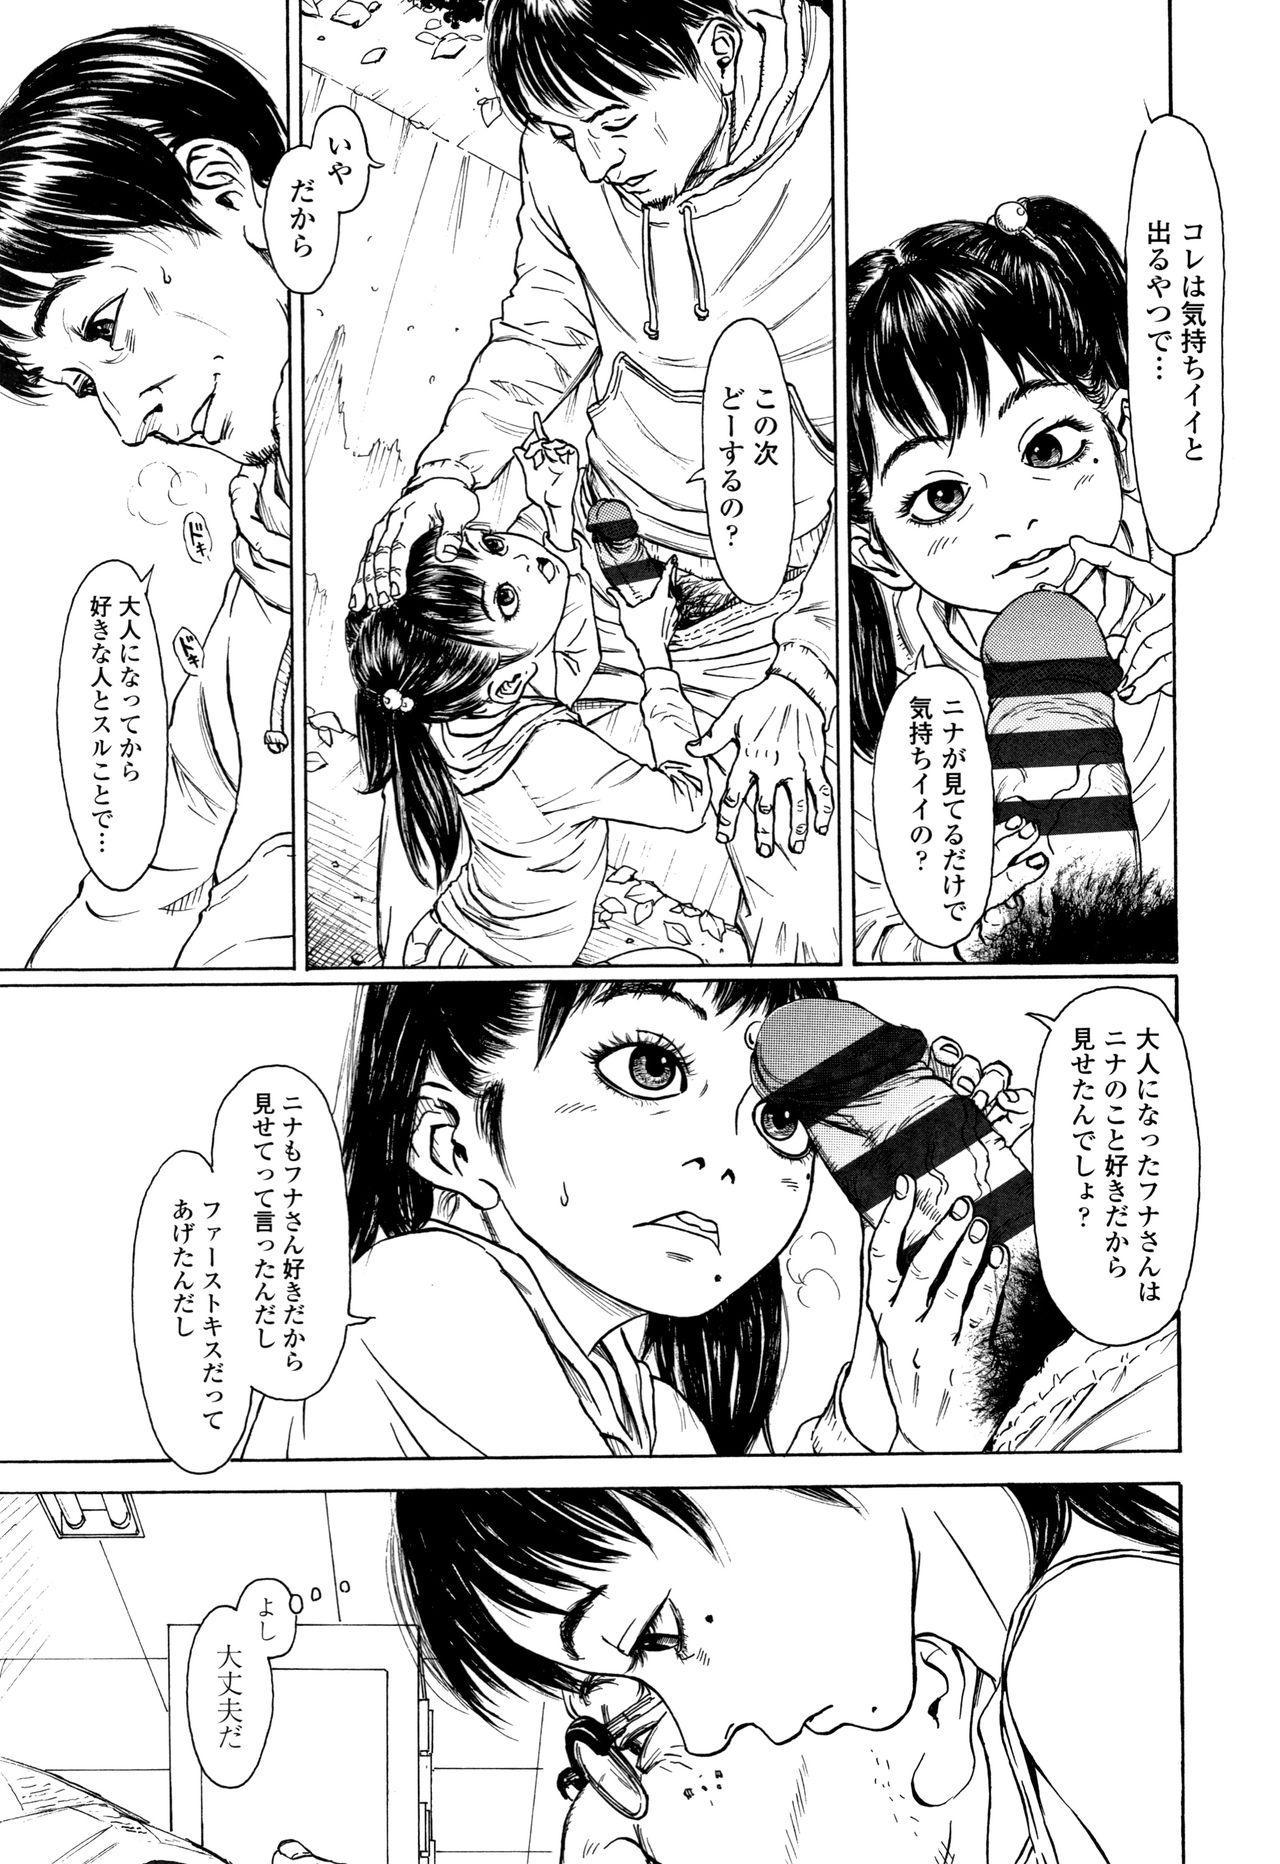 Chiisai Karada ni Shiroi Kage 123